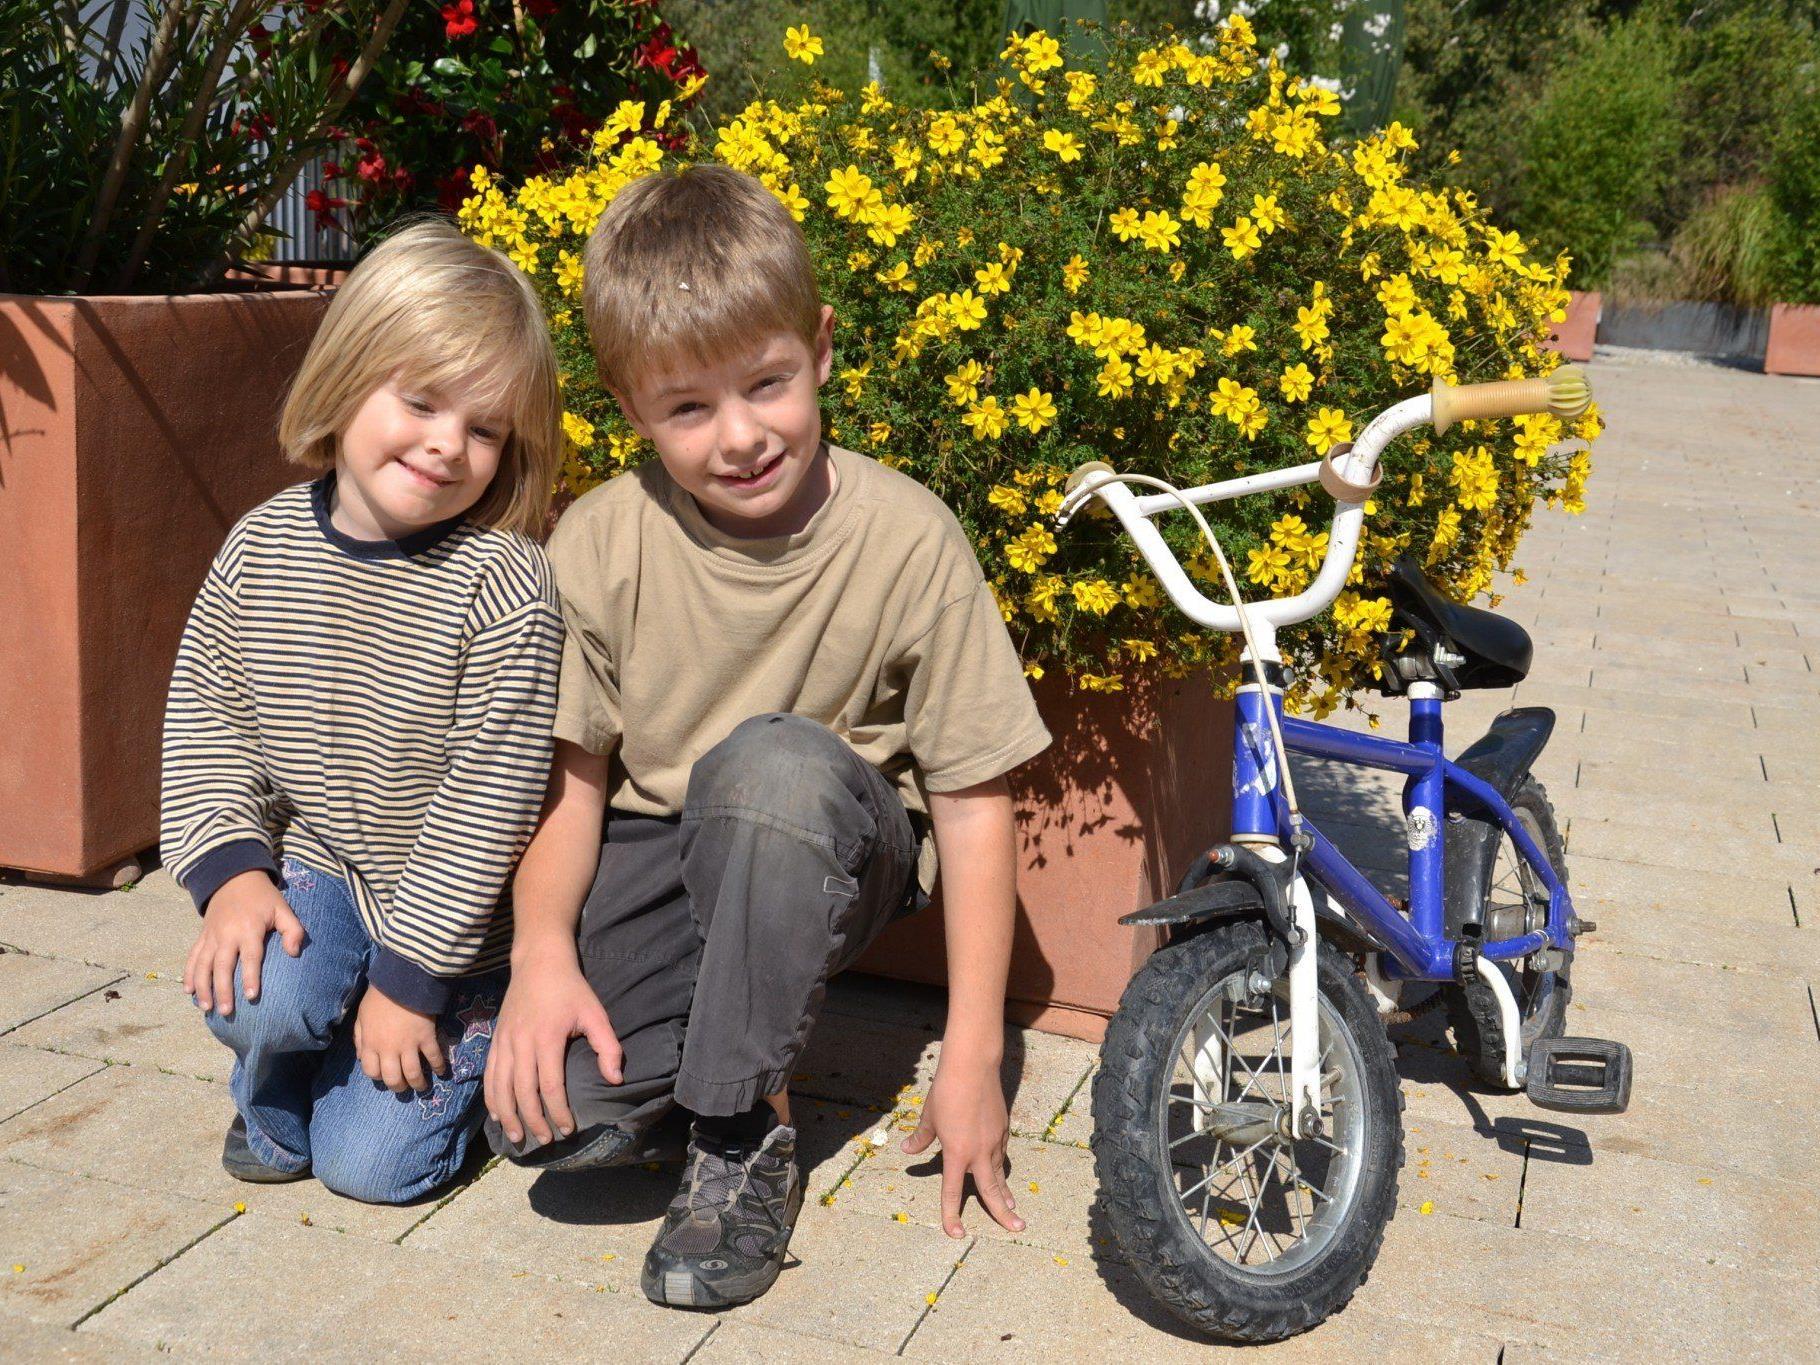 Auch Ines & Lukas aus Koblach waren am Samstag mit dem Fahrrad unterwegs...